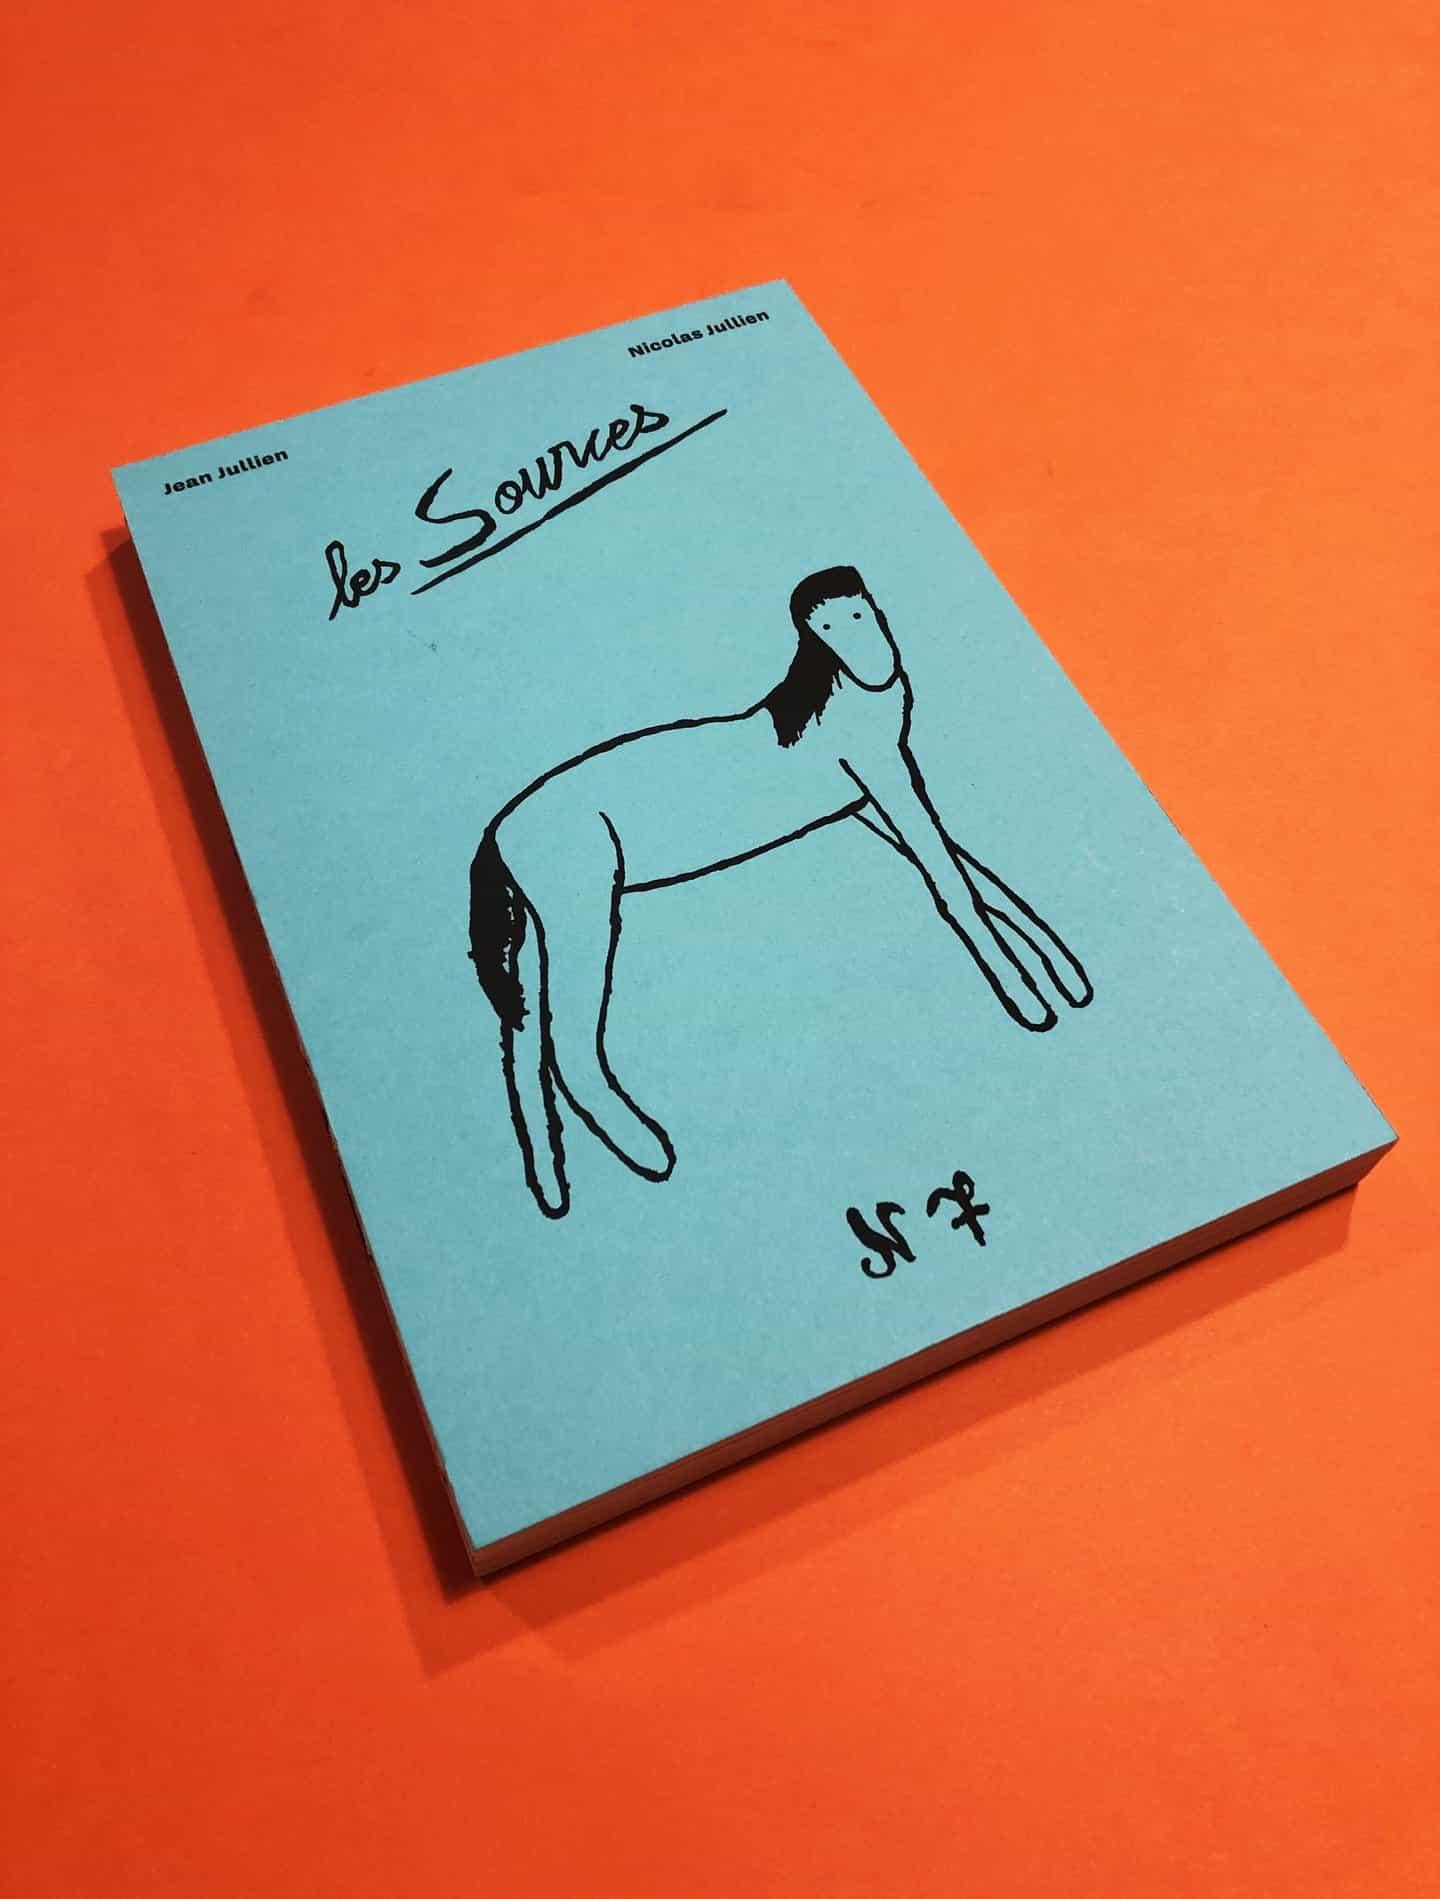 Jean y Nicolas Jullien colaborar en una exploración de su infancia en el nuevo libro, Les Sources